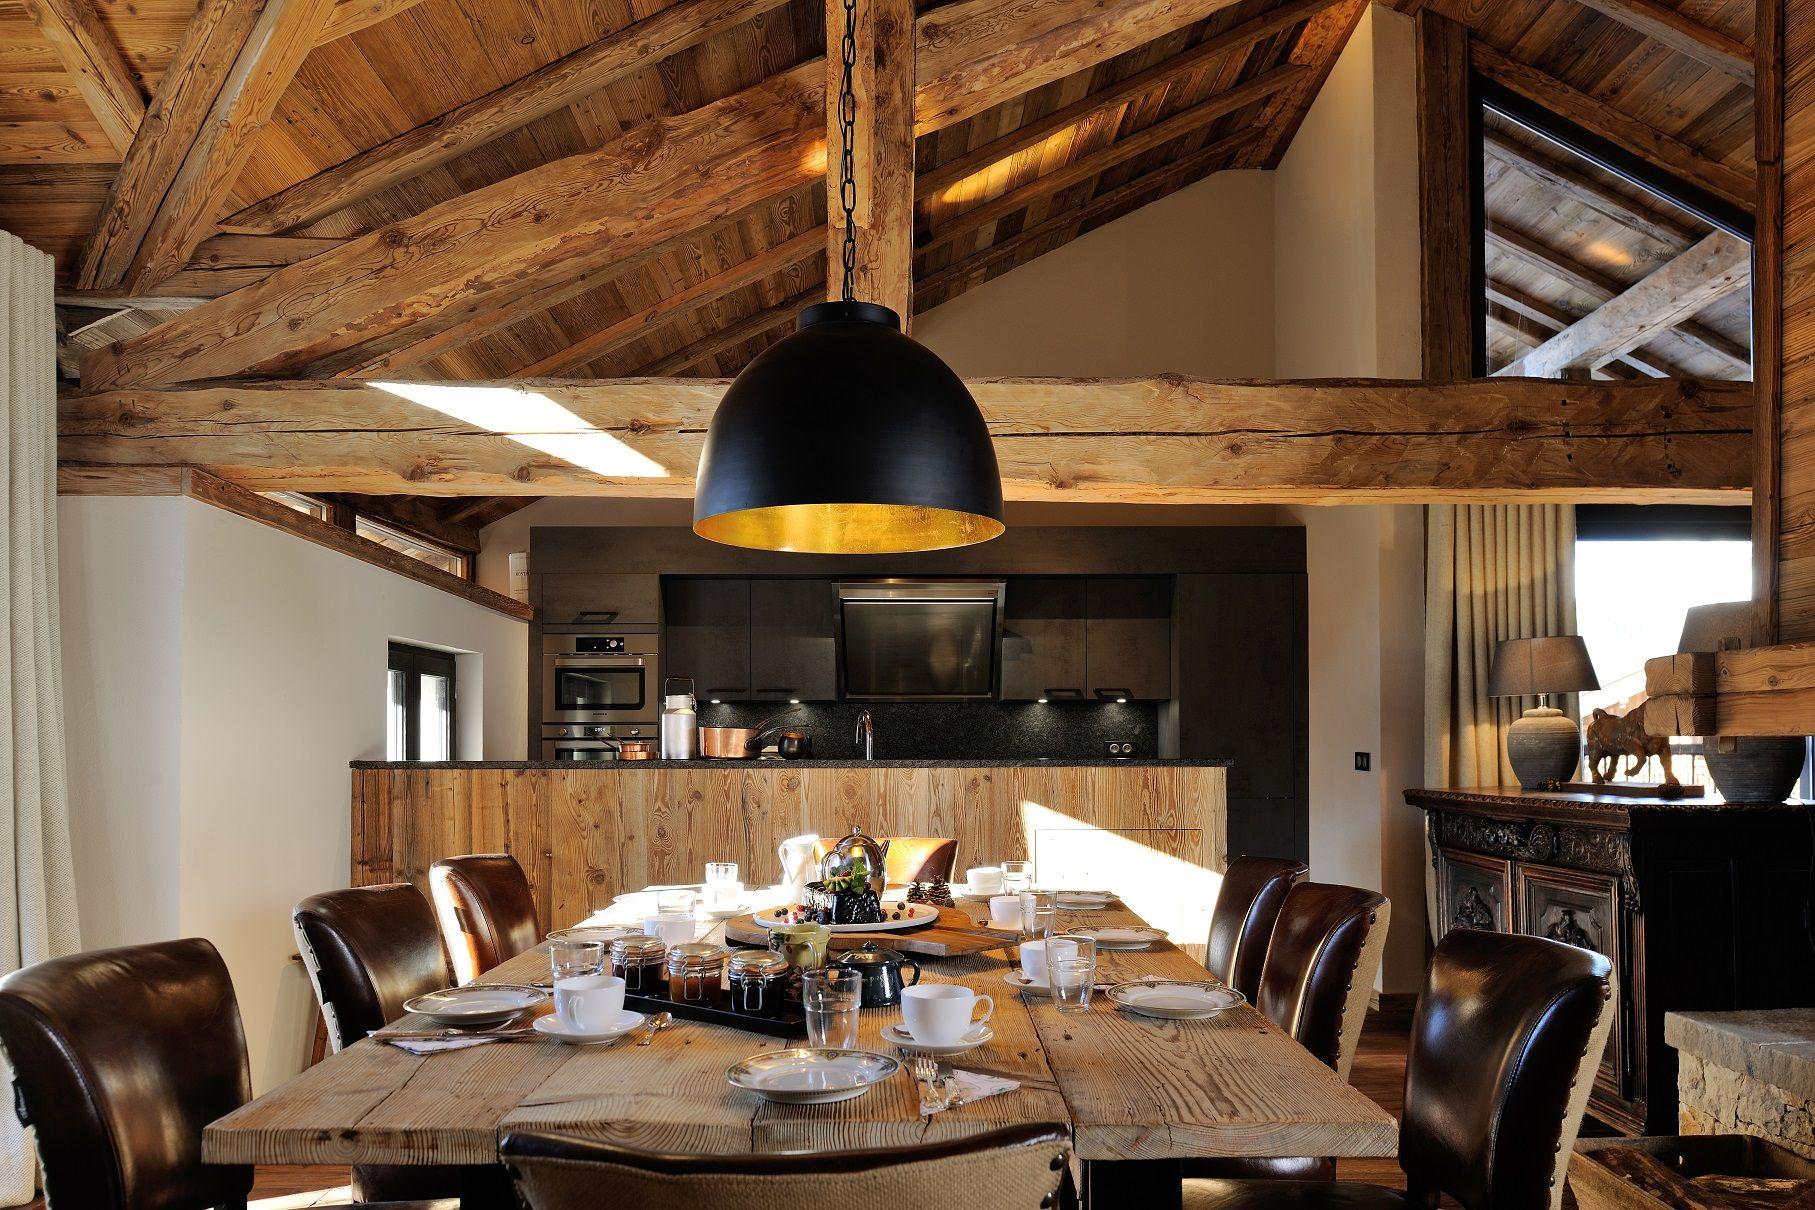 Salle à manger, vieux bois, table, chaises en cuir, cuisine ouverte ...